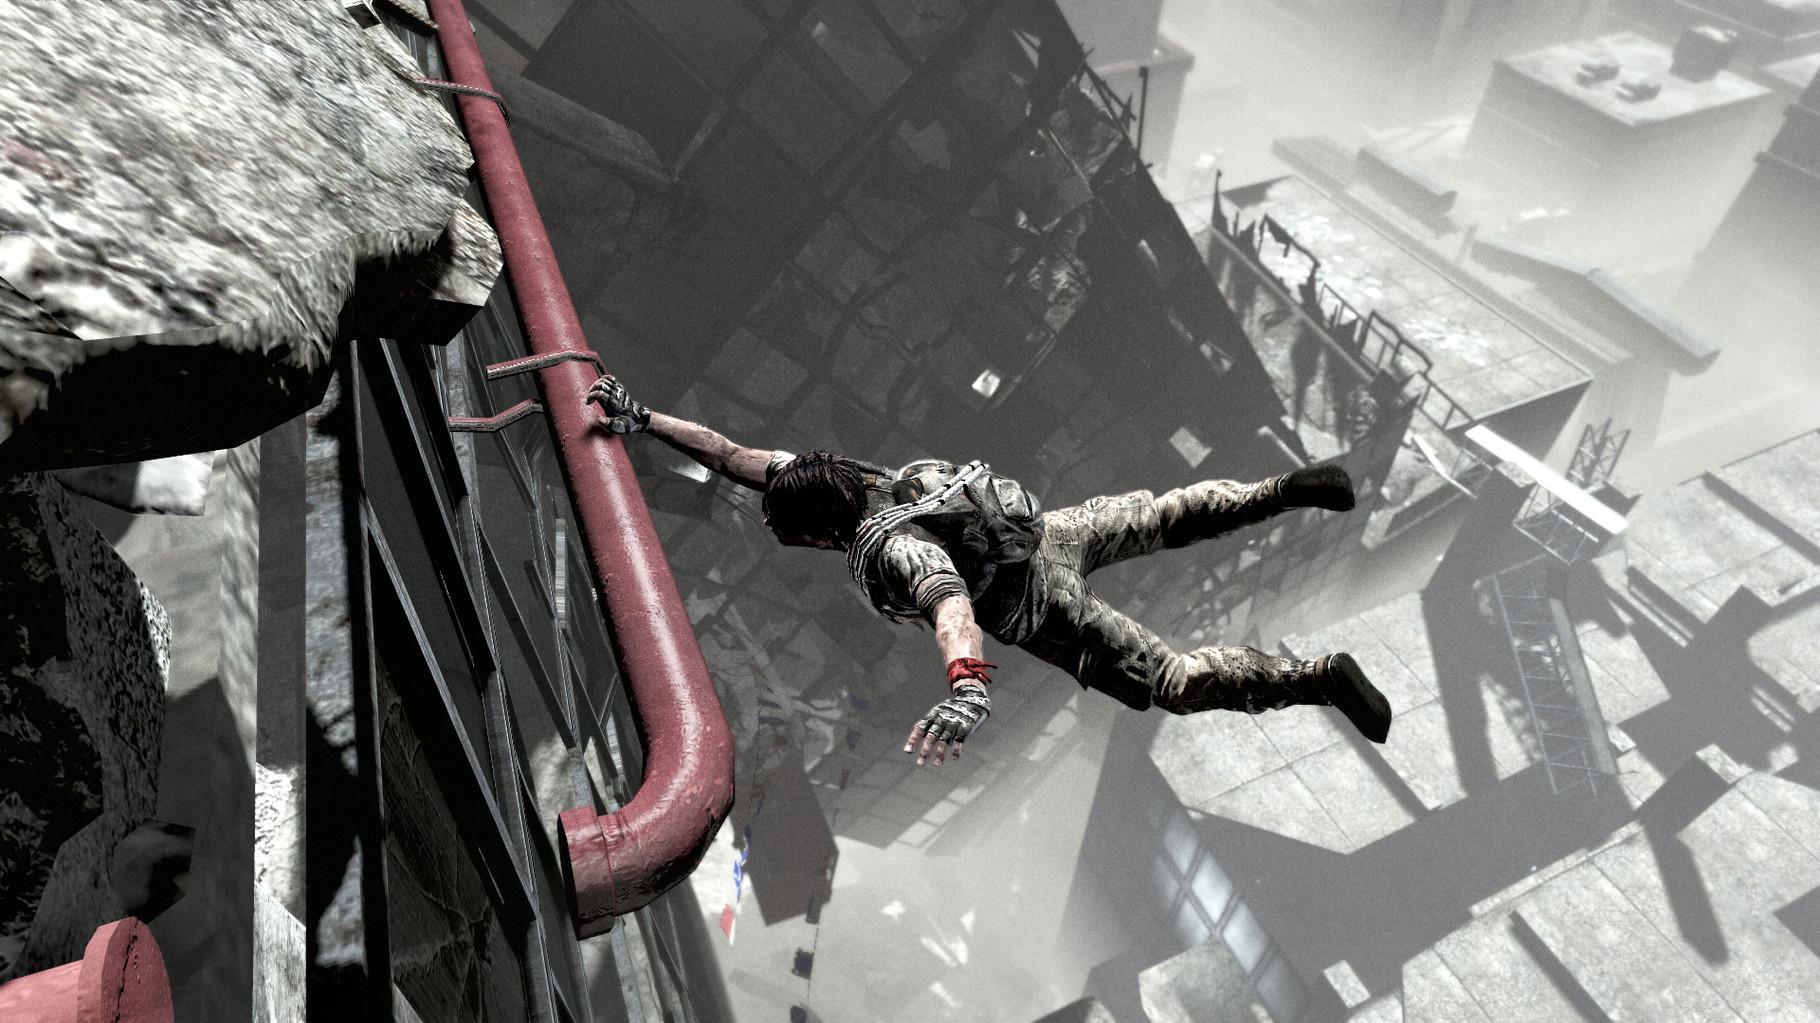 """Ubisofts Download-exklusiver Weltuntergangs-Geschicklichkeits- und Ausdauer-Test """"I am Alive"""" will vor allem eins sein: BOCKSCHWER. Das gelingt –nur wird der Spieler für seine Leidensfähigkeit nicht ausreichend belohnt."""